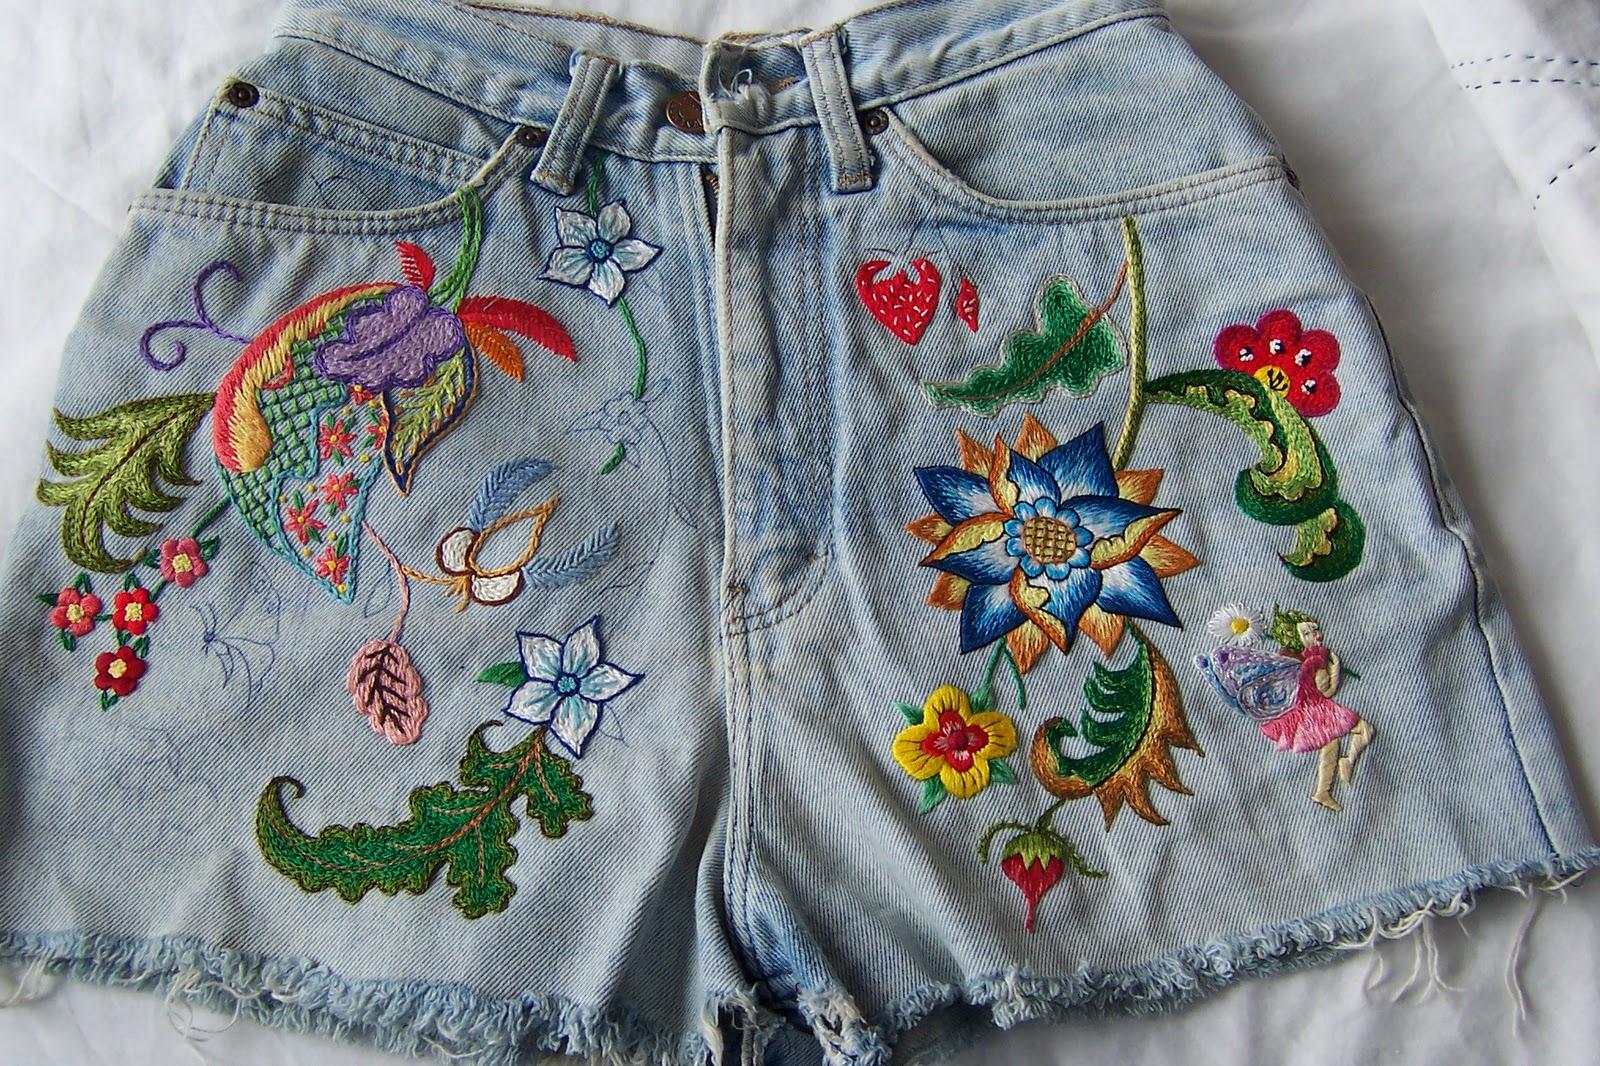 Сделать вышивку на джинсах своими руками 471